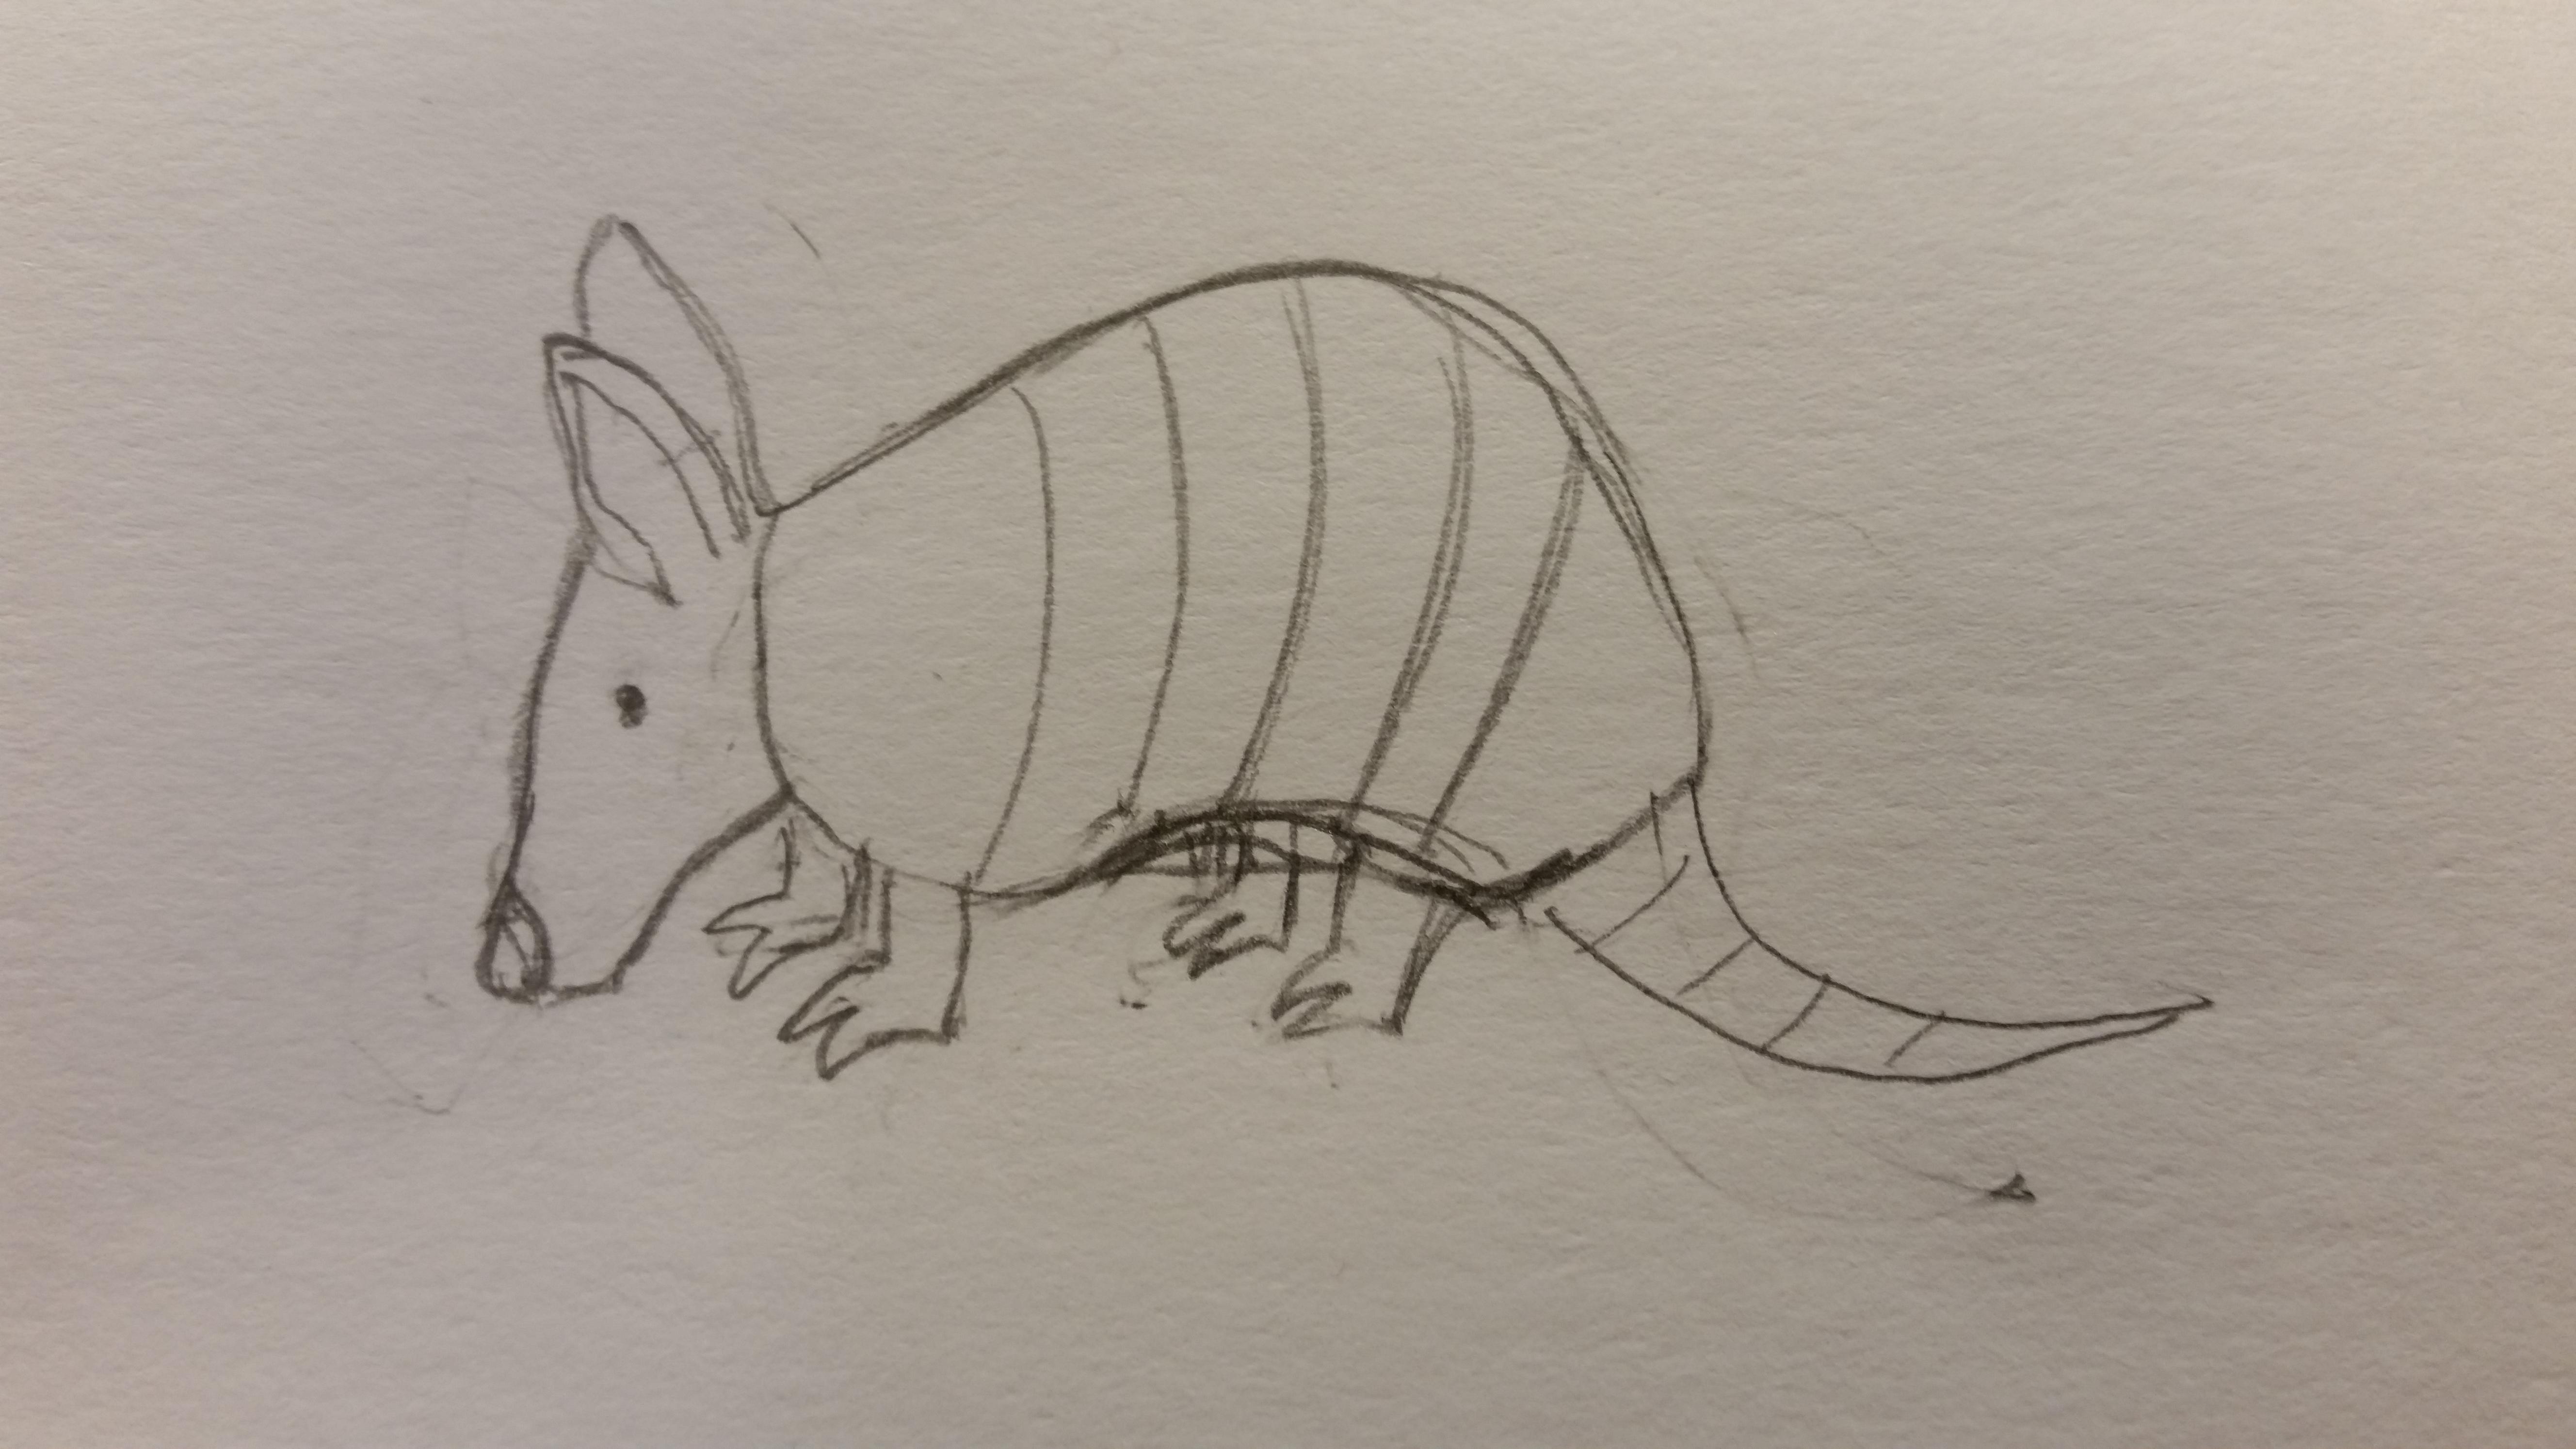 armadillo sketch